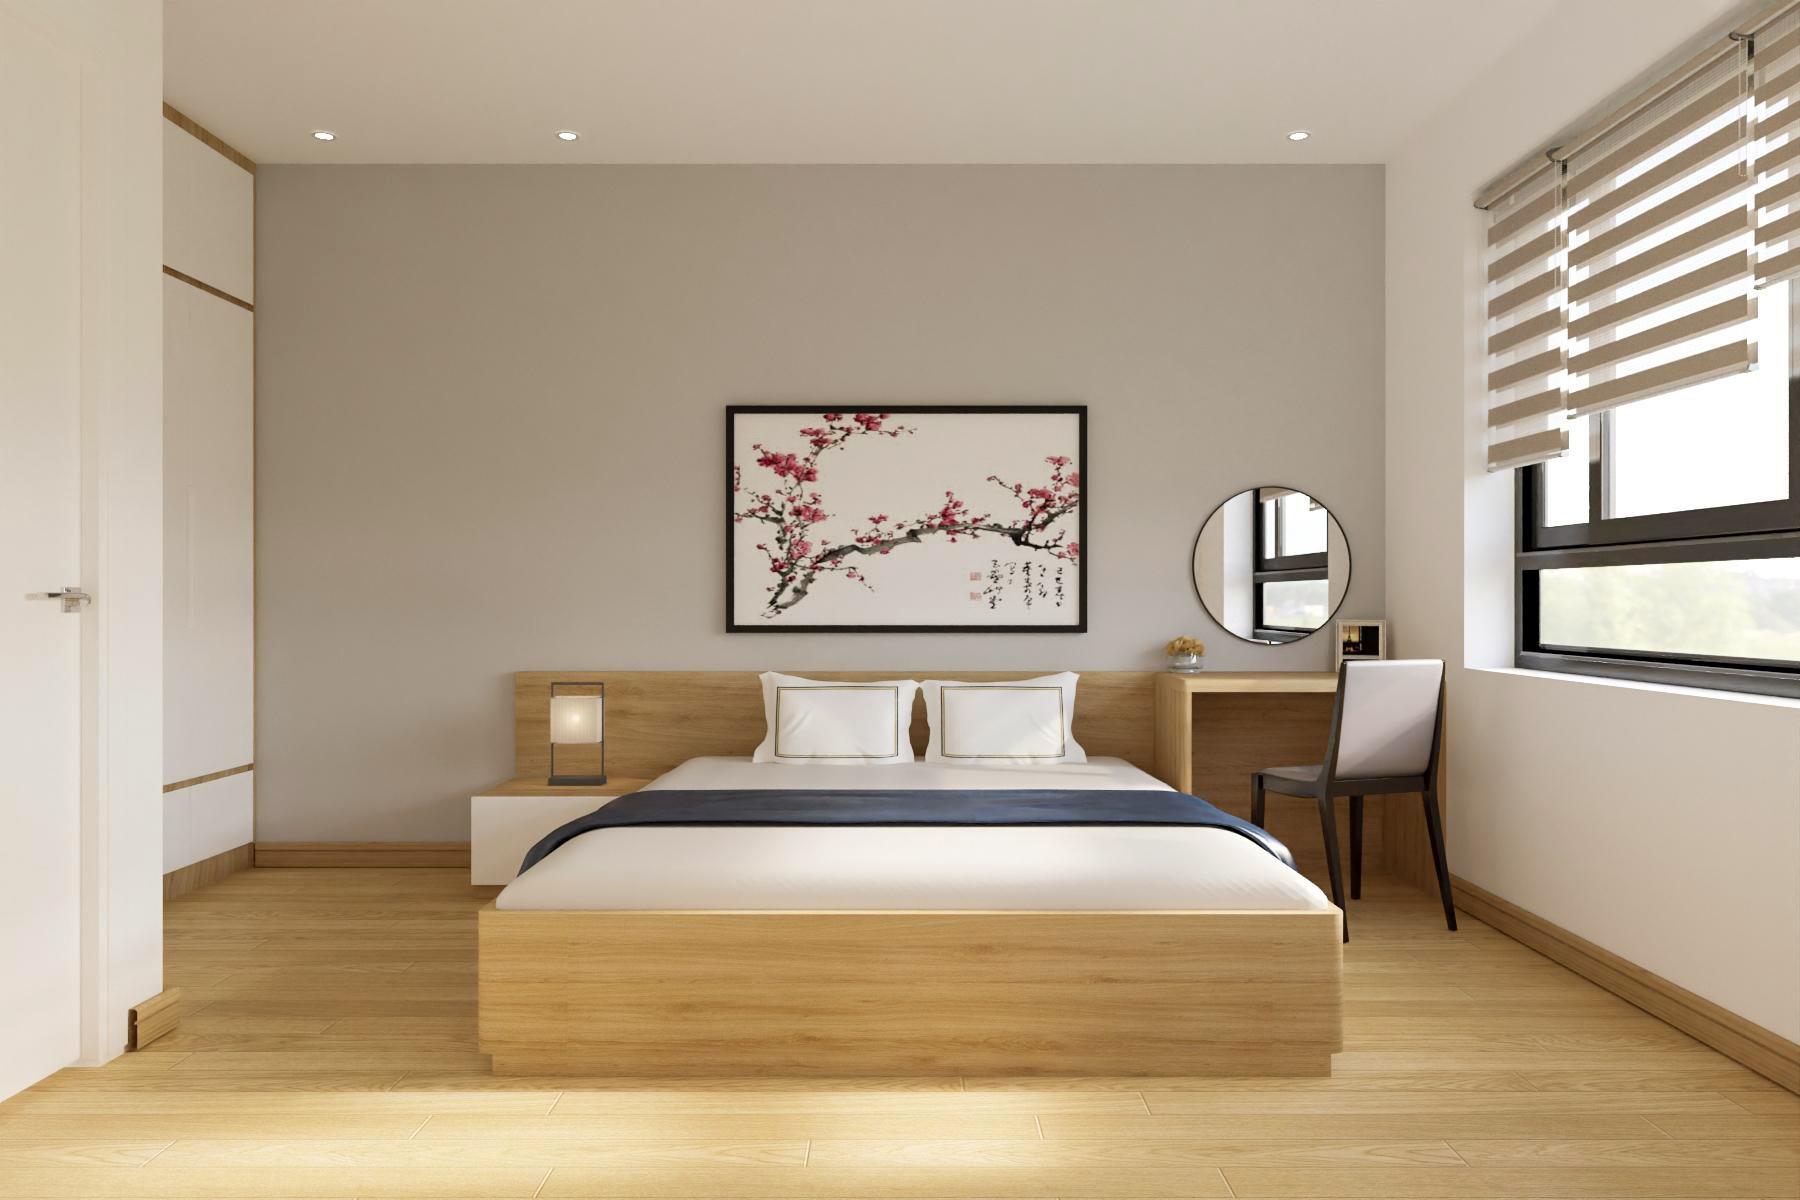 Kiến trúc sư tư vấn thiết kế nhà cấp 4 ở quê diện tích 500m² với chi phí 210 triệu đồng - Ảnh 13.